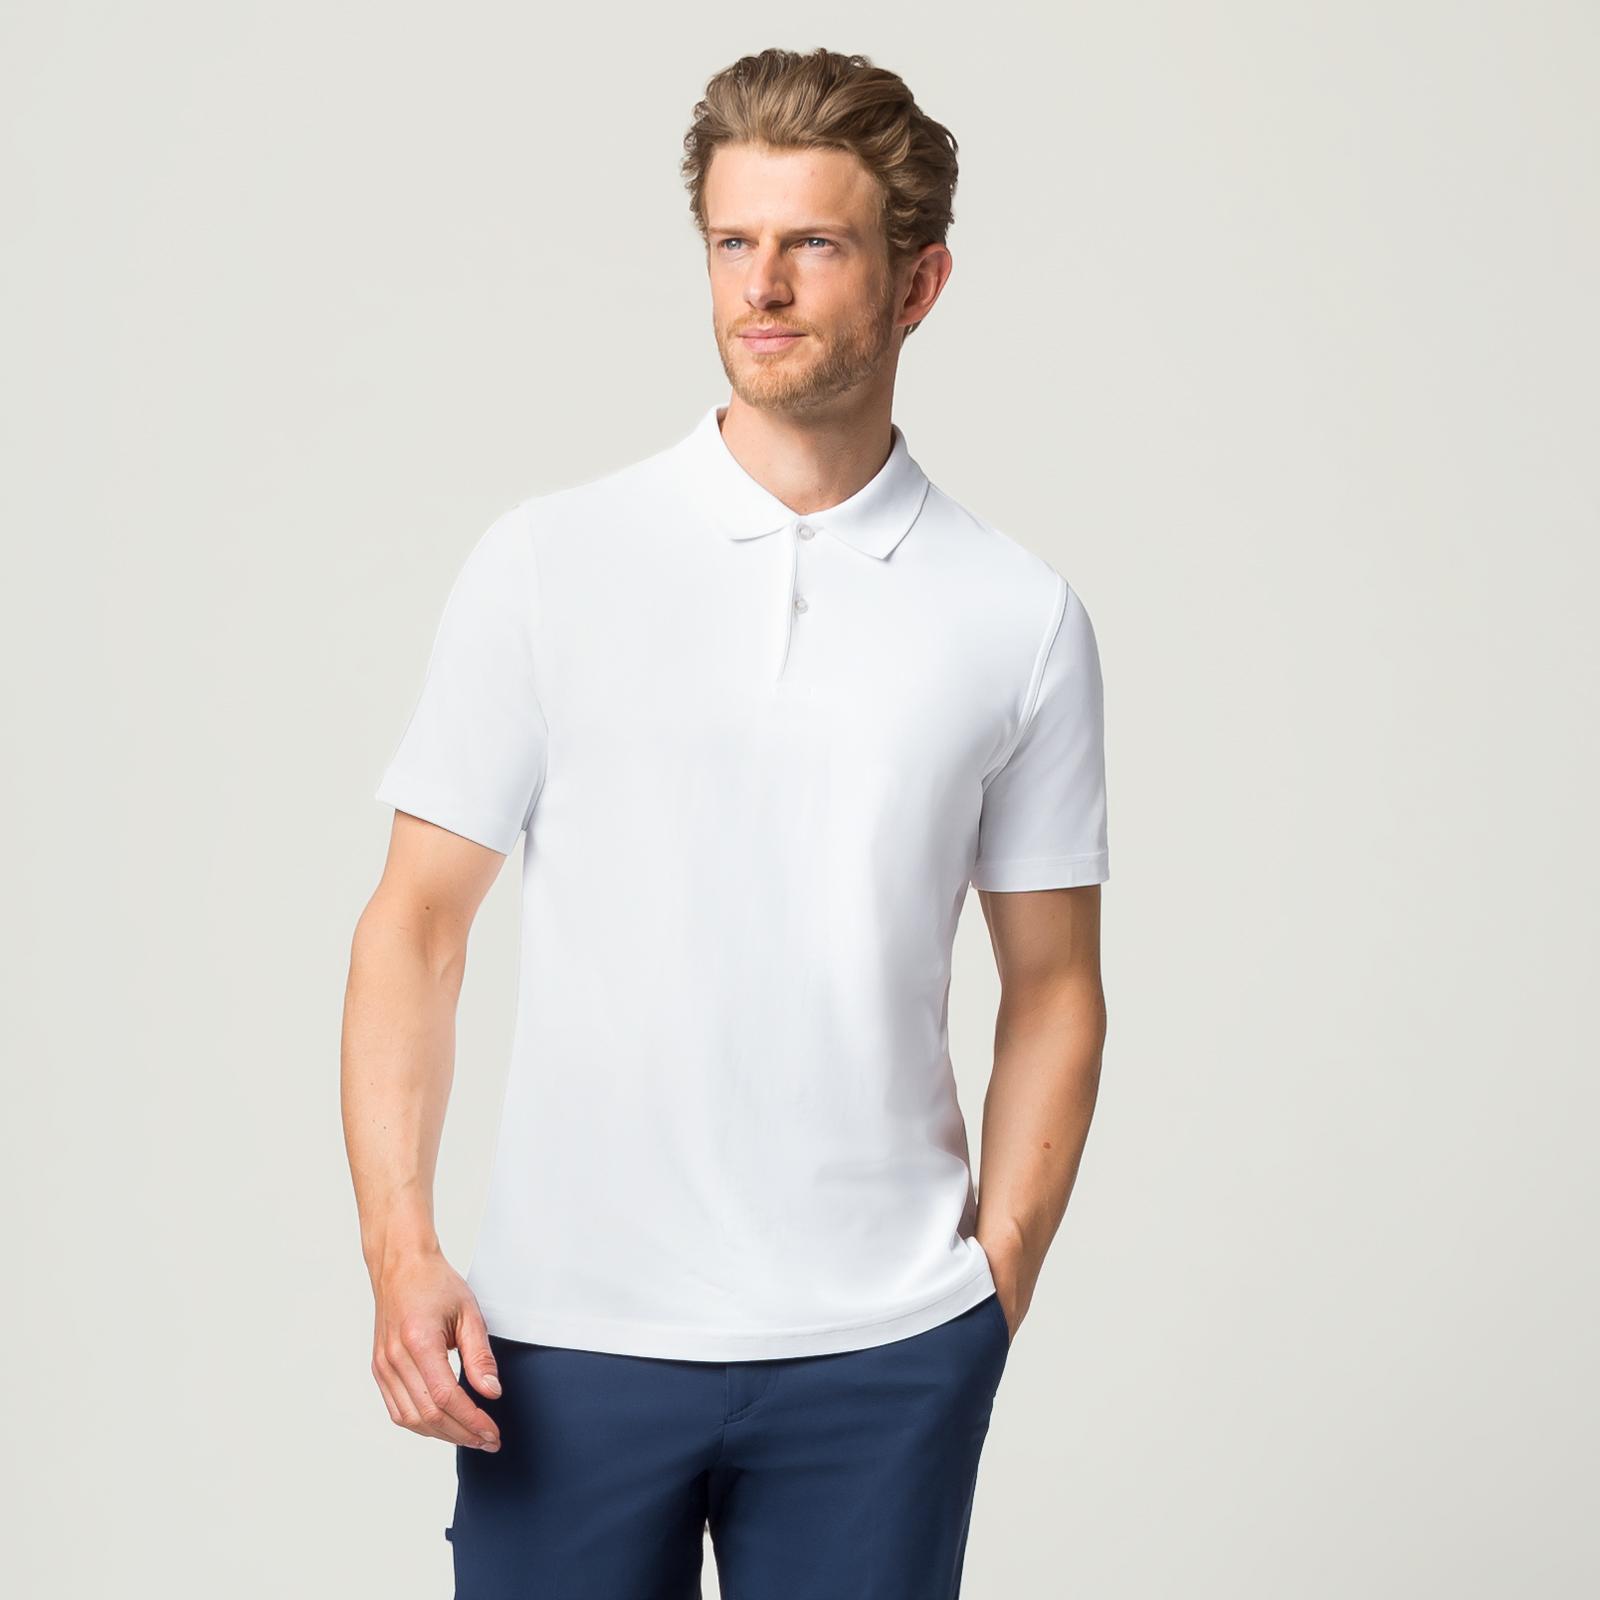 Herren Poloshirt aus feuchtigkeitsregulierendem Material